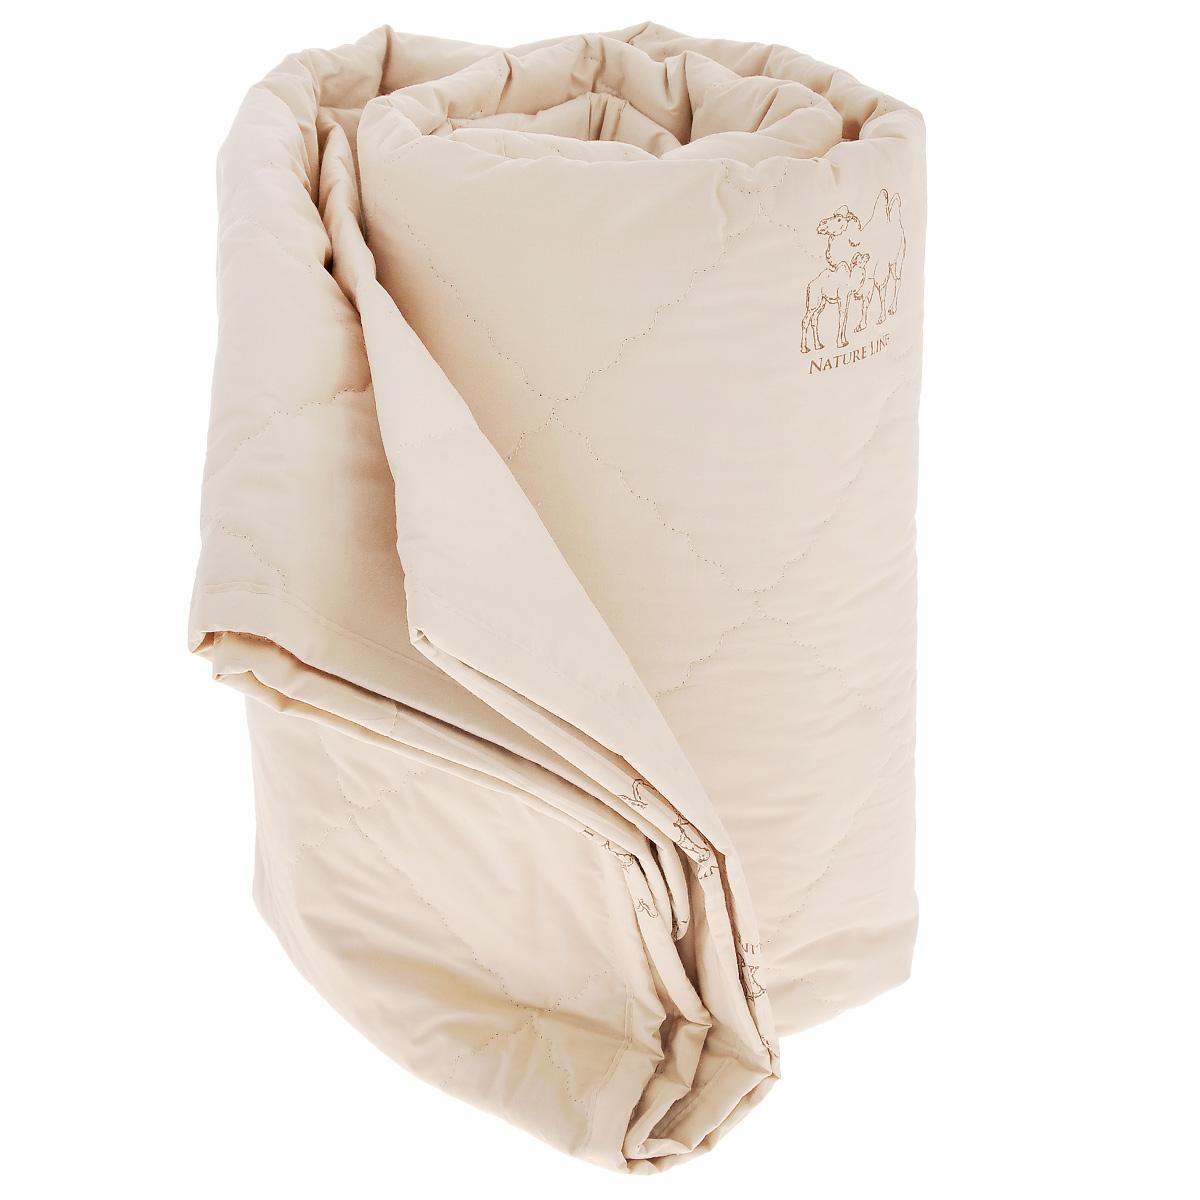 Одеяло La Prima Верблюжья шерсть, наполнитель: верблюжья шерсть, полиэфирное волокно, цвет: темно-бежевый, 170 х 205 см1081/0224886/15Одеяло La Prima Верблюжья шерсть - это выбор тех, кто заботится о своем здоровье, поскольку оно отличается не только теплотой и мягкостью, но и своими целебными свойствами. Чехол выполнен из 100% хлопка. Наполнитель - с натуральной верблюжьей шерстью. Одеяло из верблюжьей шерсти подарит вам абсолютный комфорт во время сна, так как оказывает положительное влияние на организм человека. Оно создает эффект сухого тепла, прогревая мышцы и суставы, успокаивает и снимает усталость. Одеяло из верблюжьей шерсти теплее, прочнее и при одинаковом объеме значительно легче овечьей шерсти. Оно гипоаллергенно и рекомендовано для профилактики и лечения многих заболеваний. Материал чехла: 100% хлопок. Наполнитель: верблюжья шерсть, полиэфирное волокно. Размер: 170 см х 205 см.